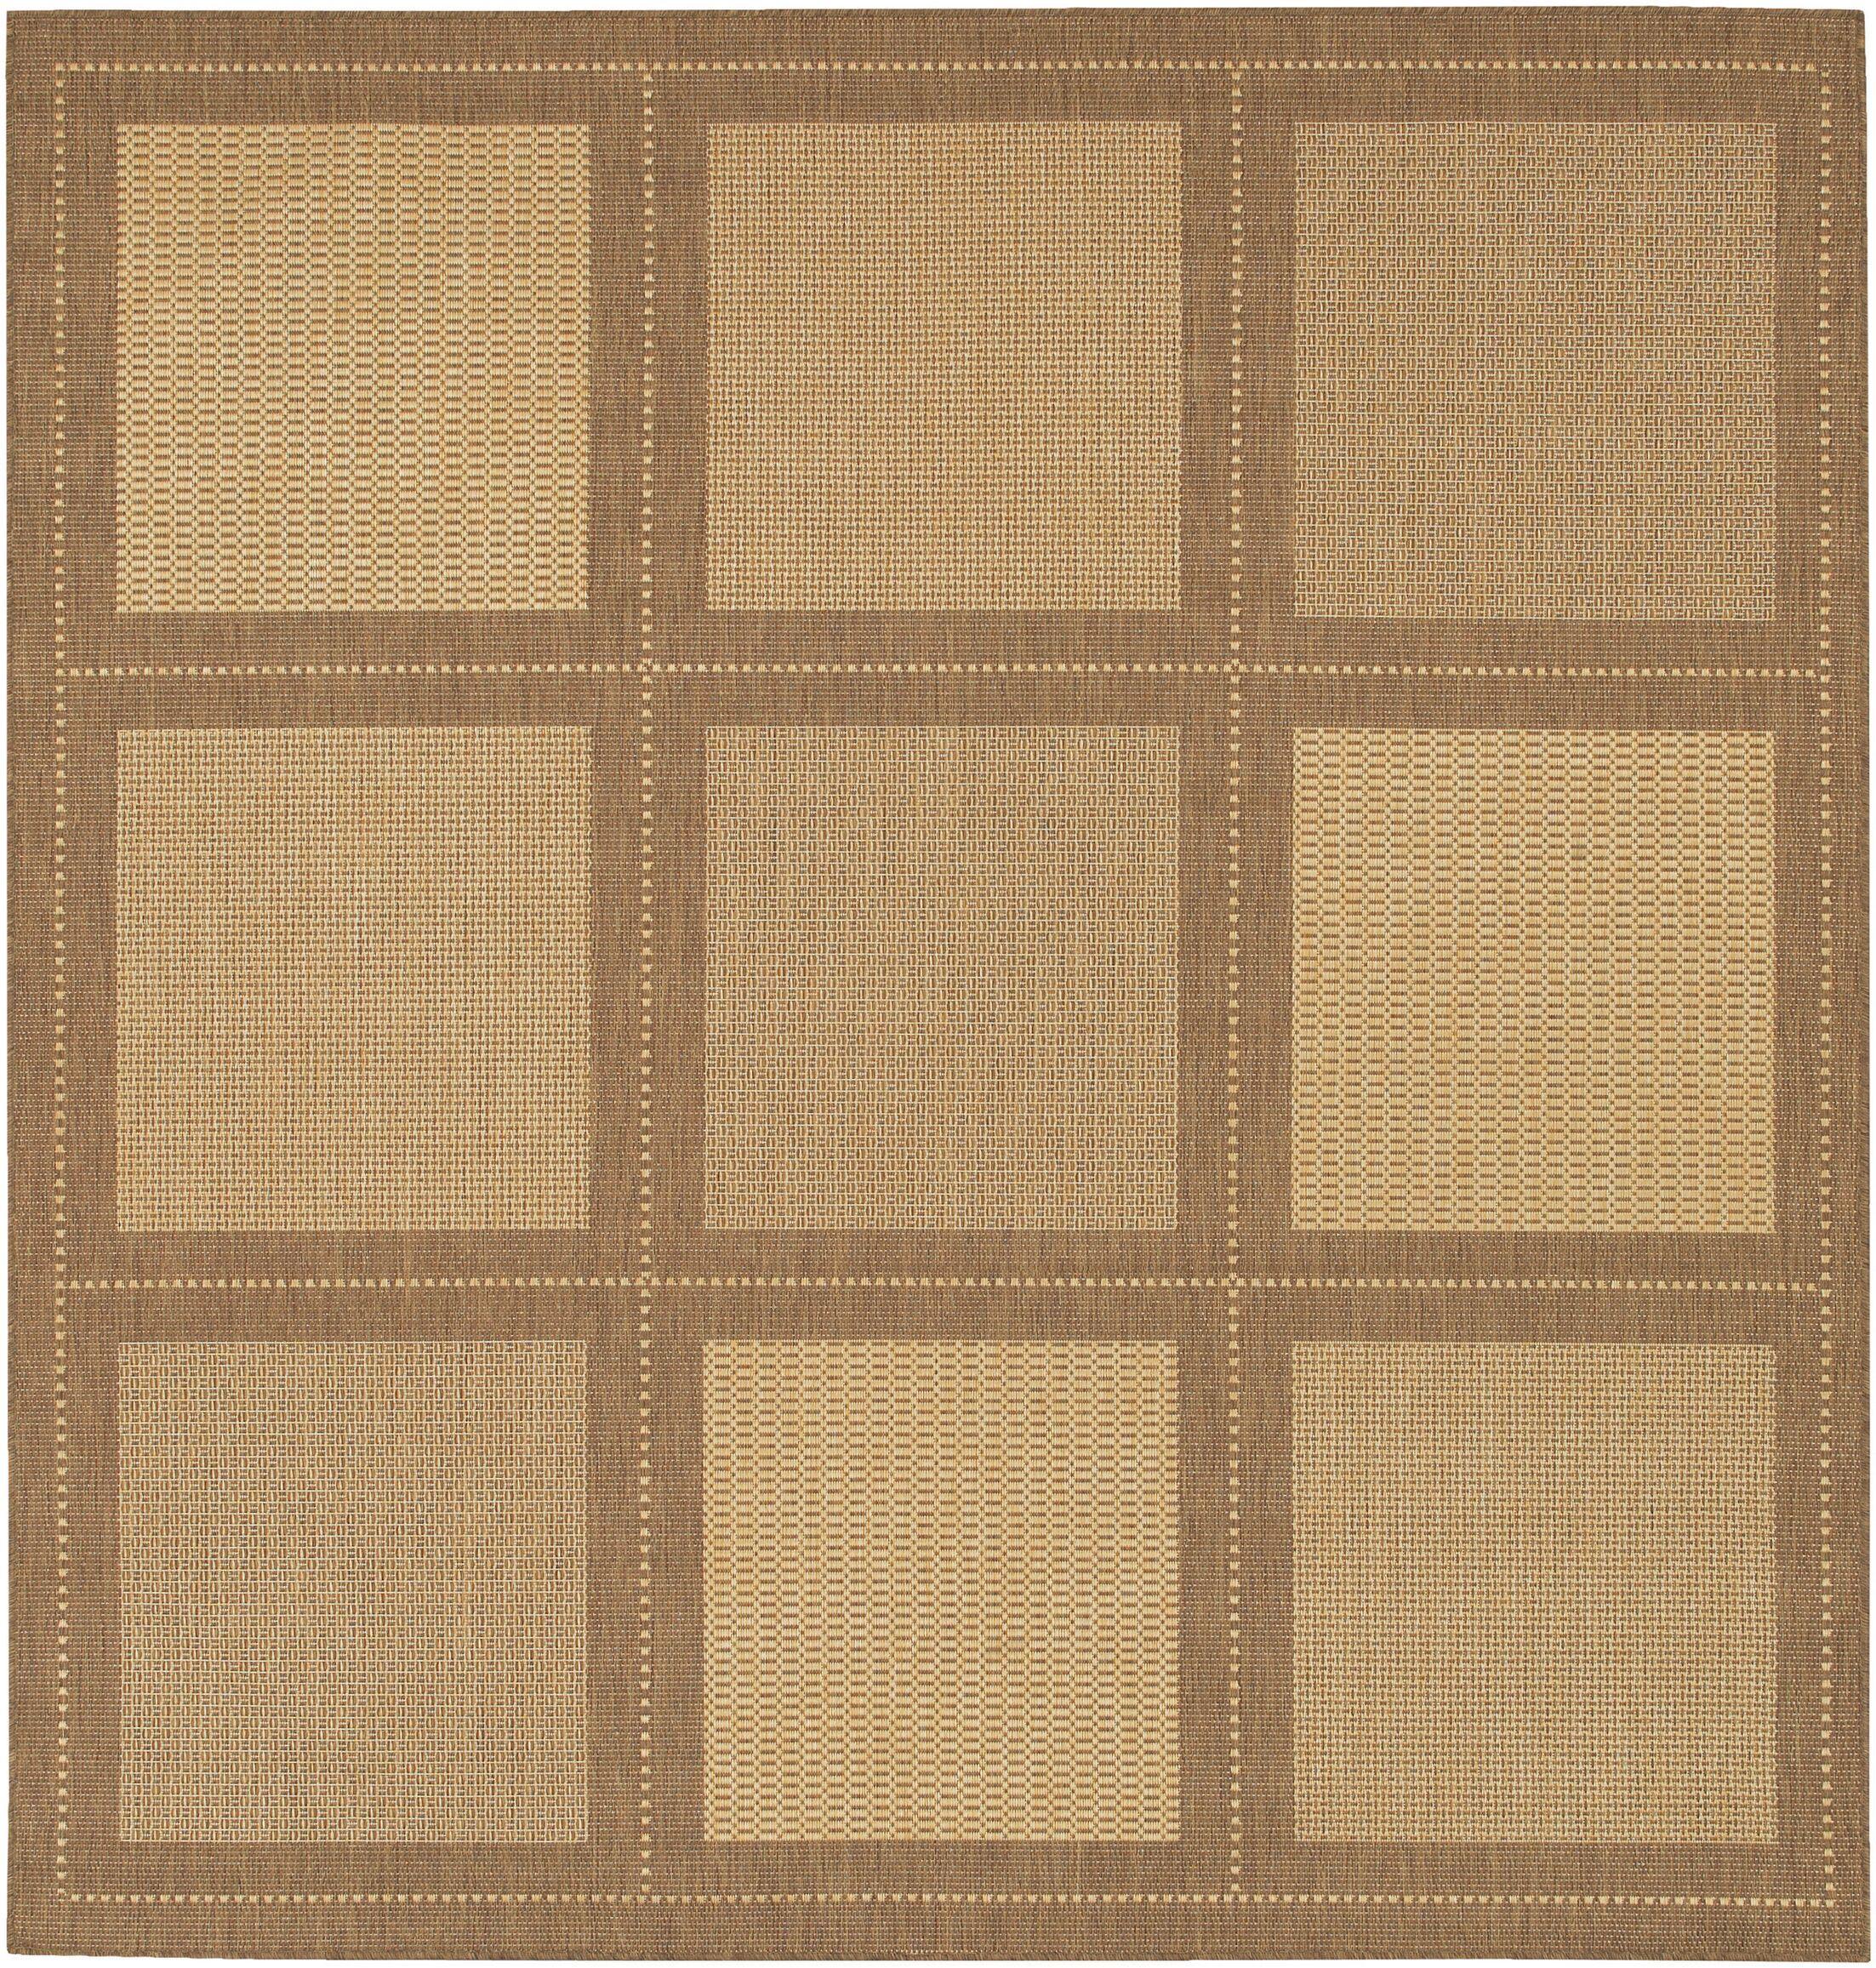 Westlund Natural/Beige Area Rug Rug Size: Square 8'6